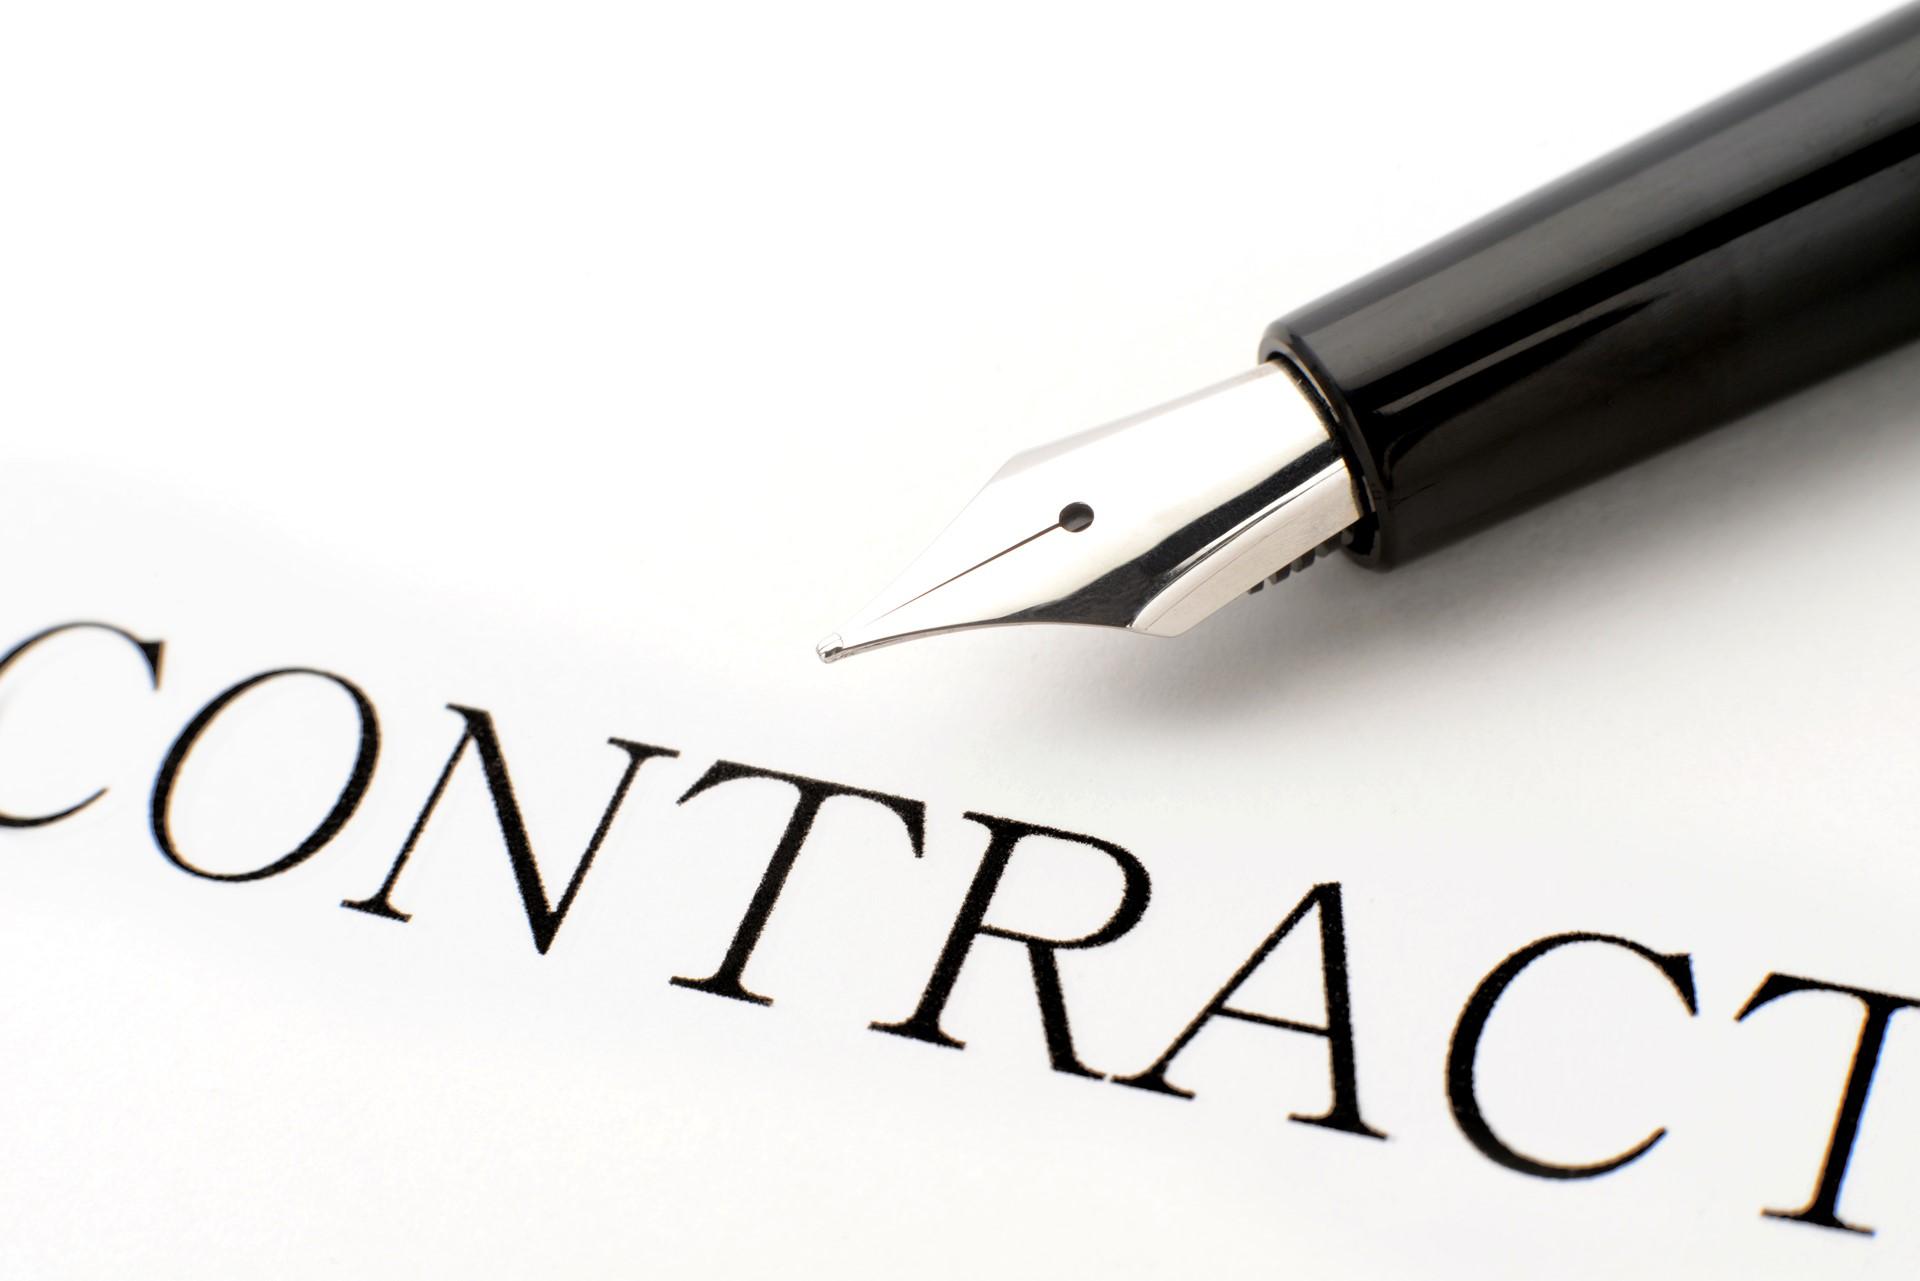 医院継承における専任契約と非専任契約の違い